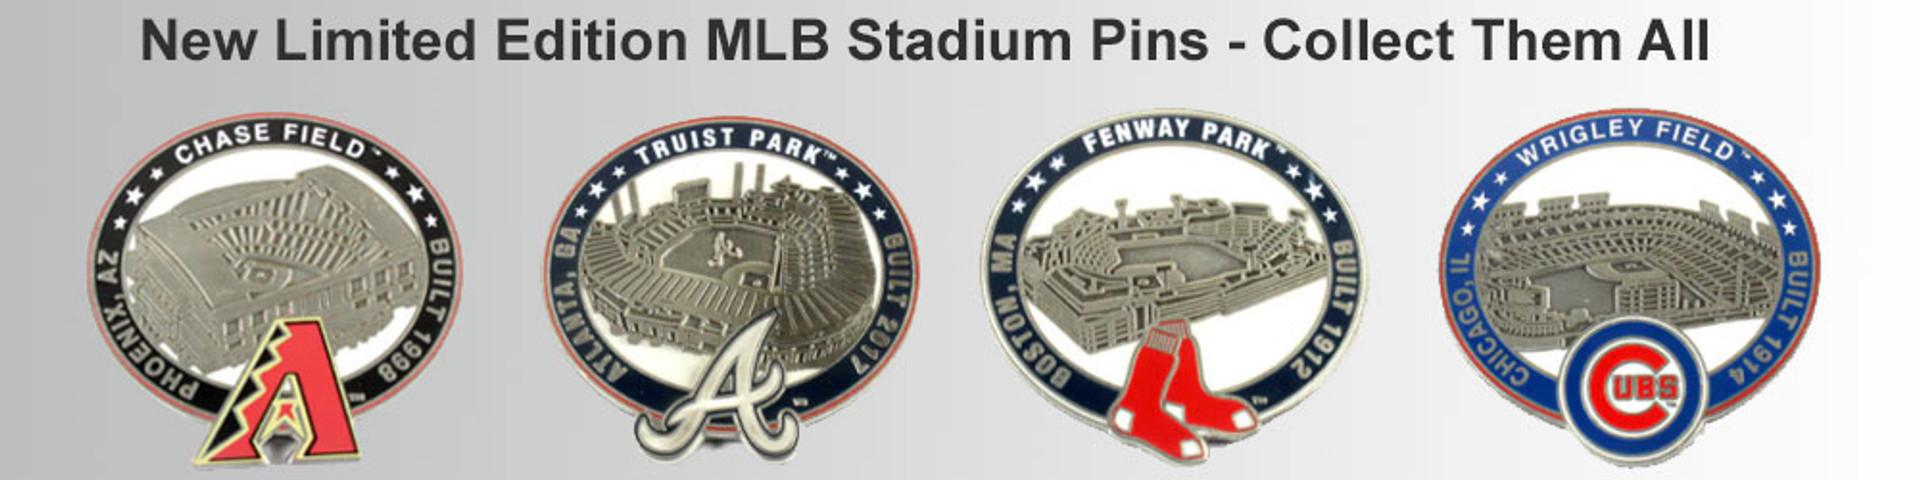 mlb stadium pins